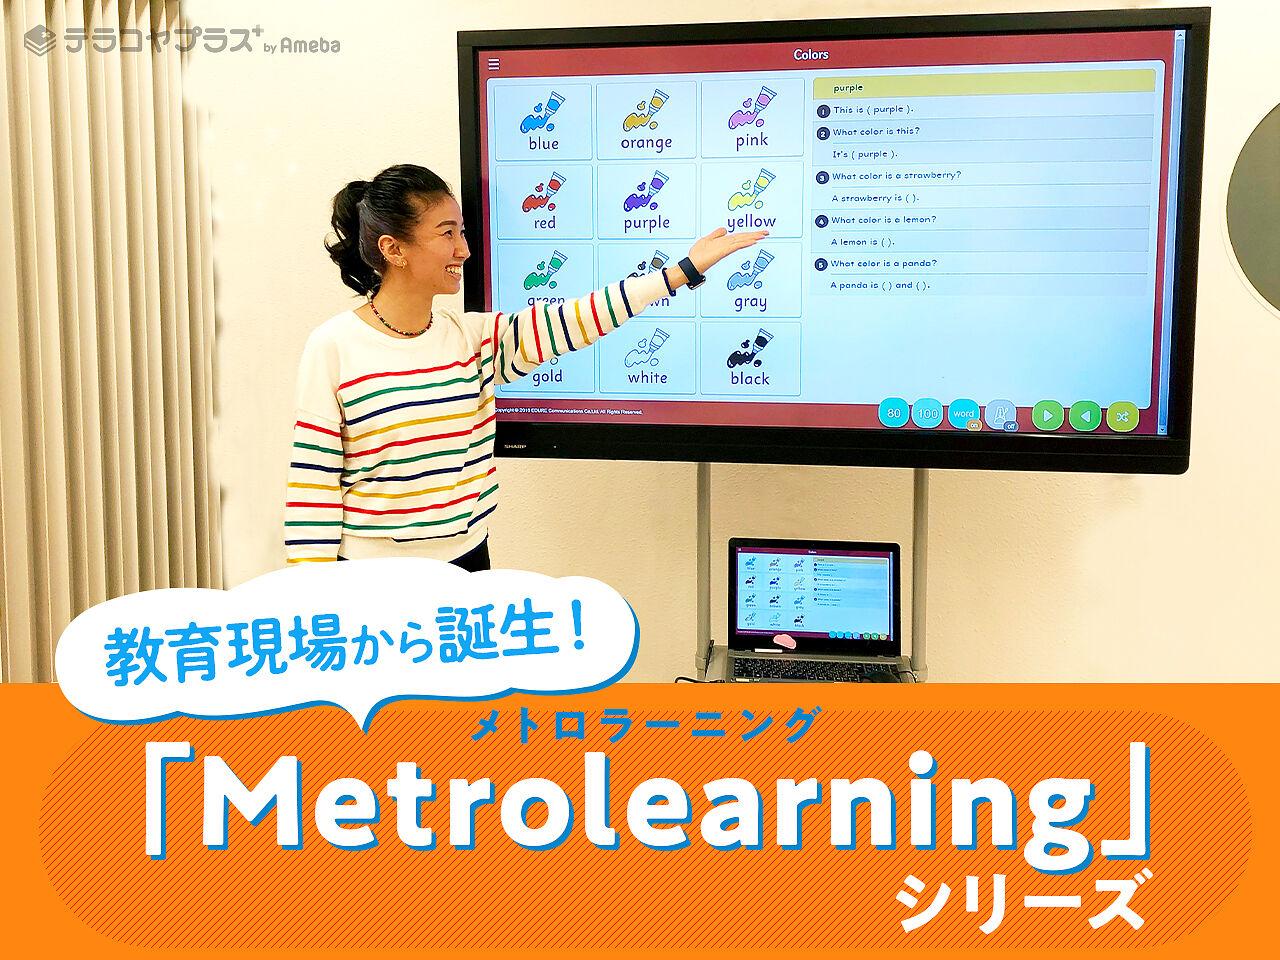 教育現場から誕生!英語が身につく「Metrolearning(メトロラーニング)」シリーズの画像